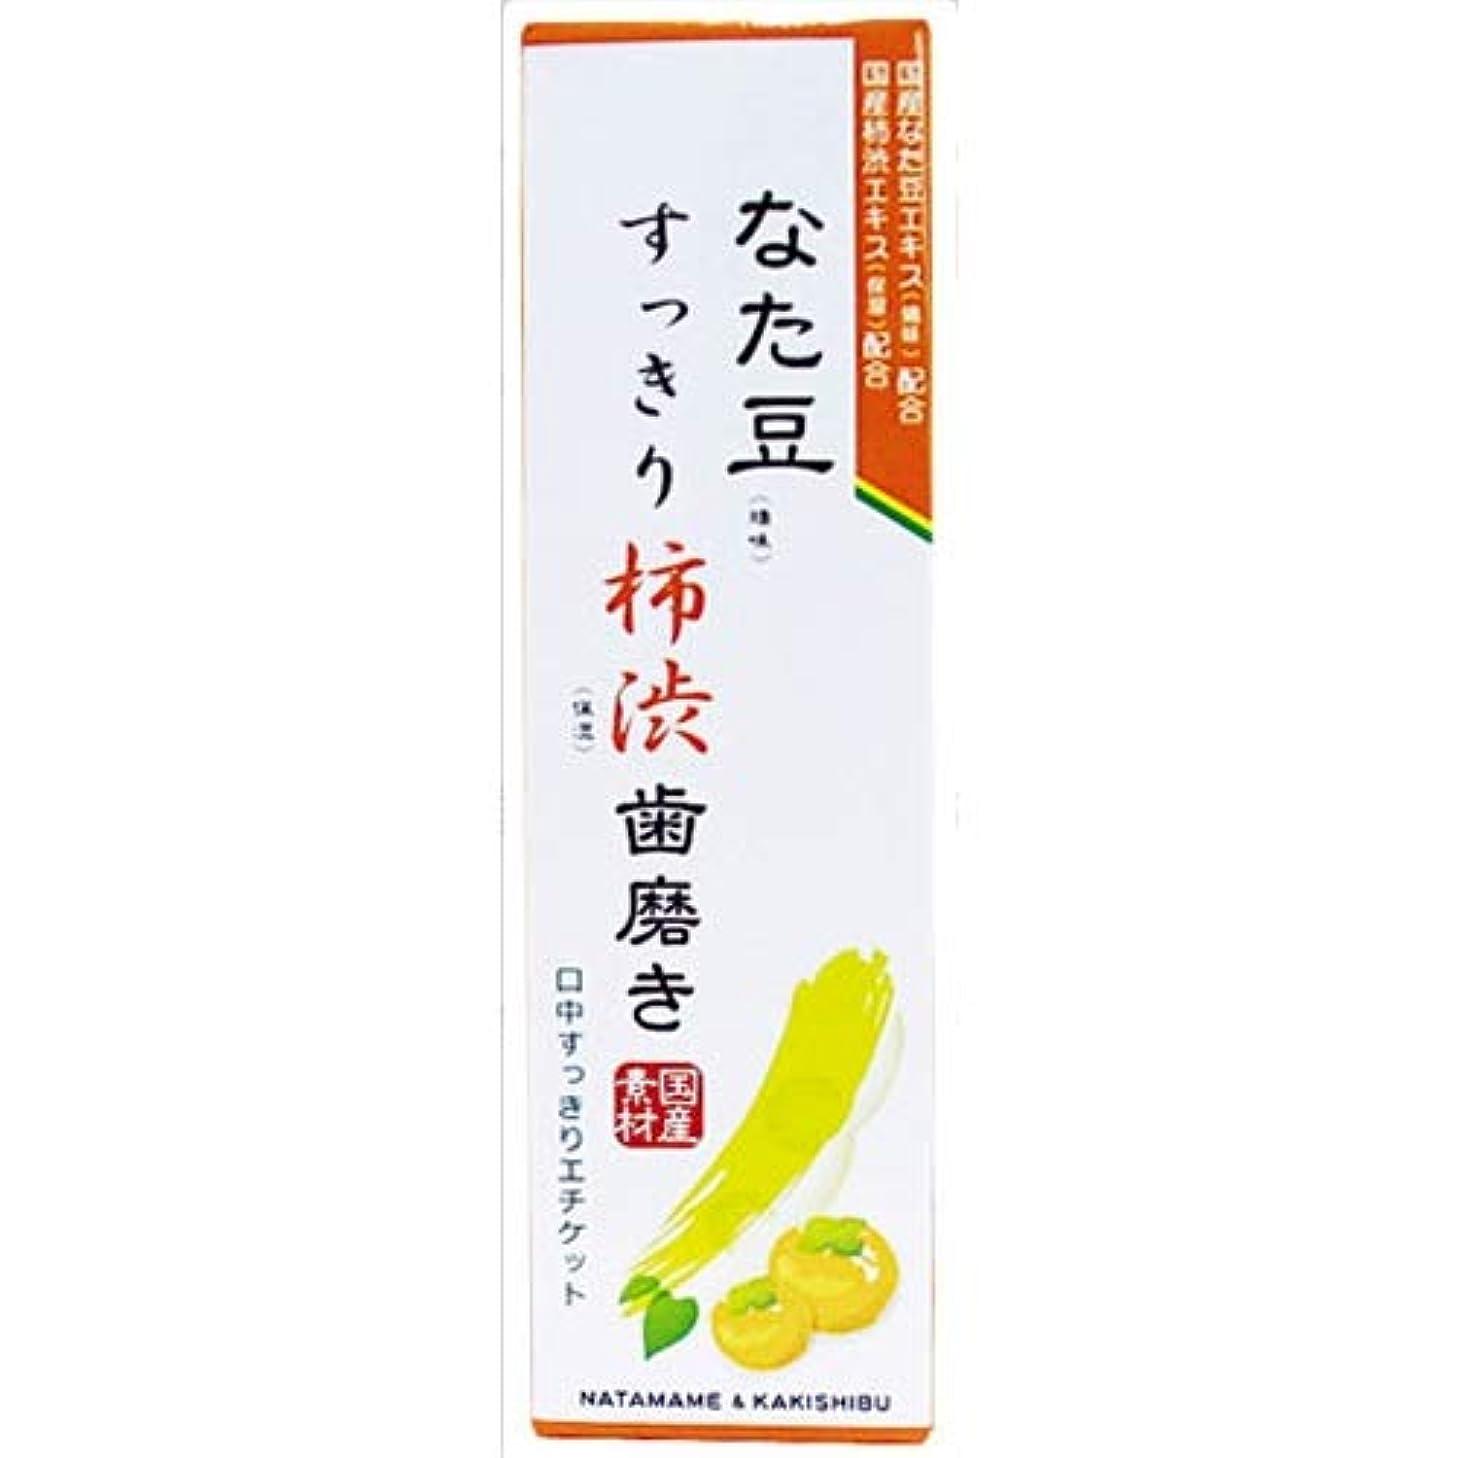 コレクション上昇岸なた豆(矯味)すっきり柿渋(保湿)歯磨き粉 × 16個セット